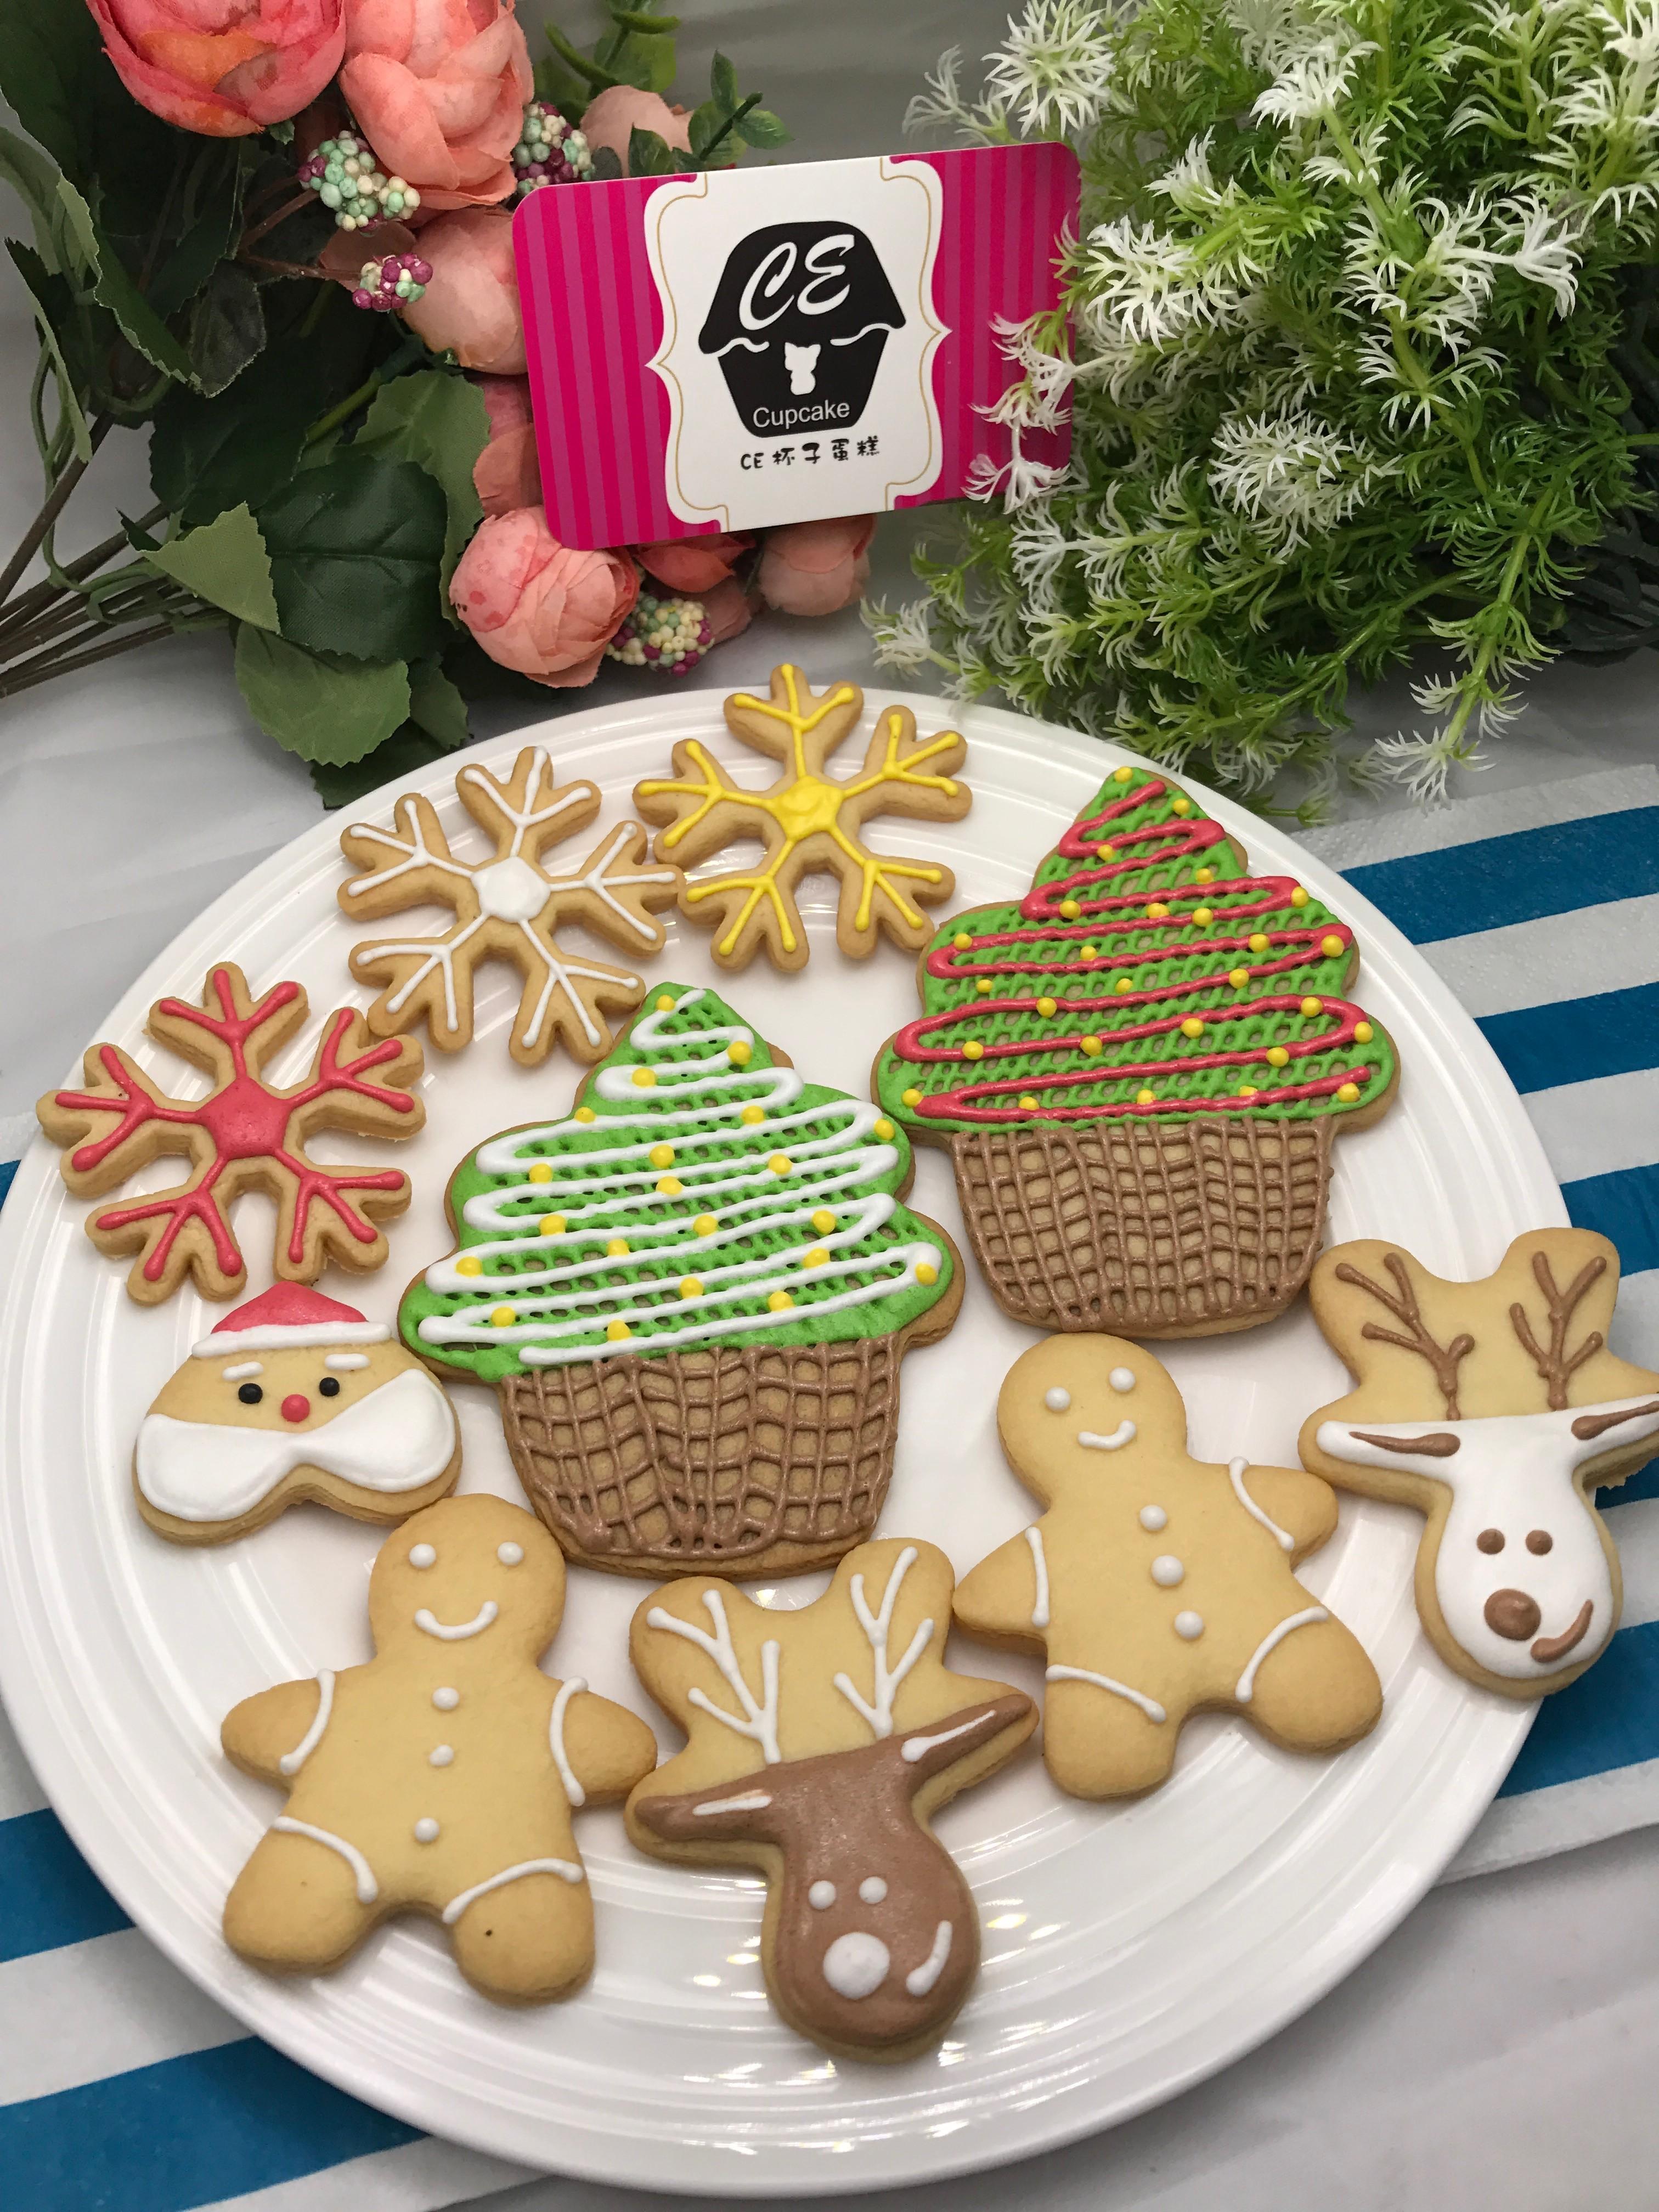 聖誕節 糖霜餅乾分享組合袋